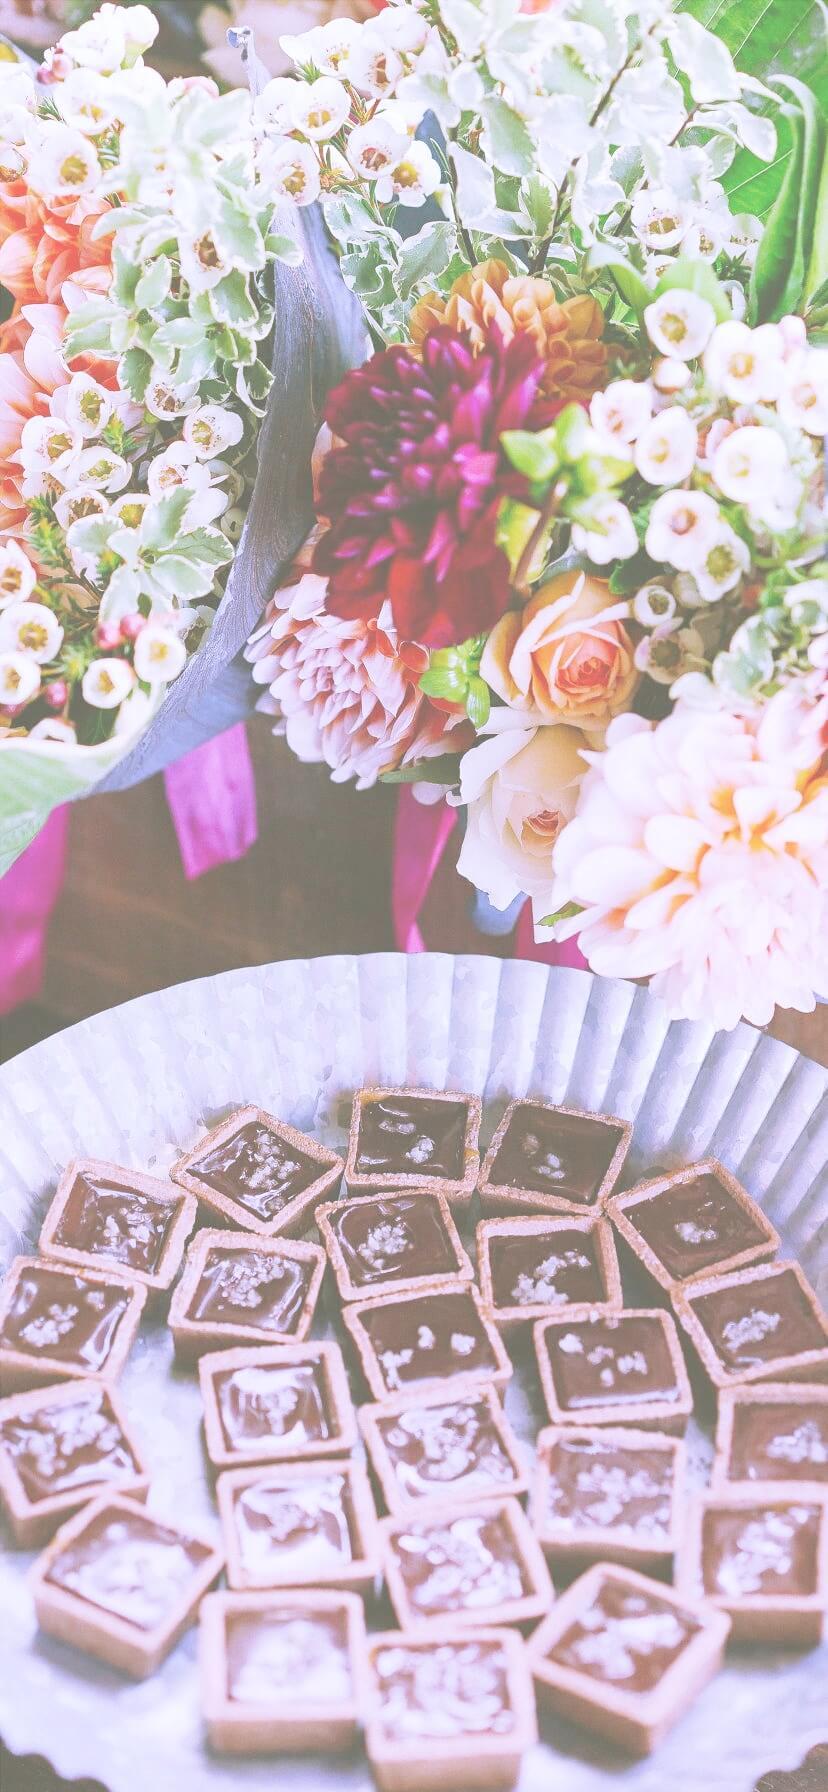 四角いチョコレート1